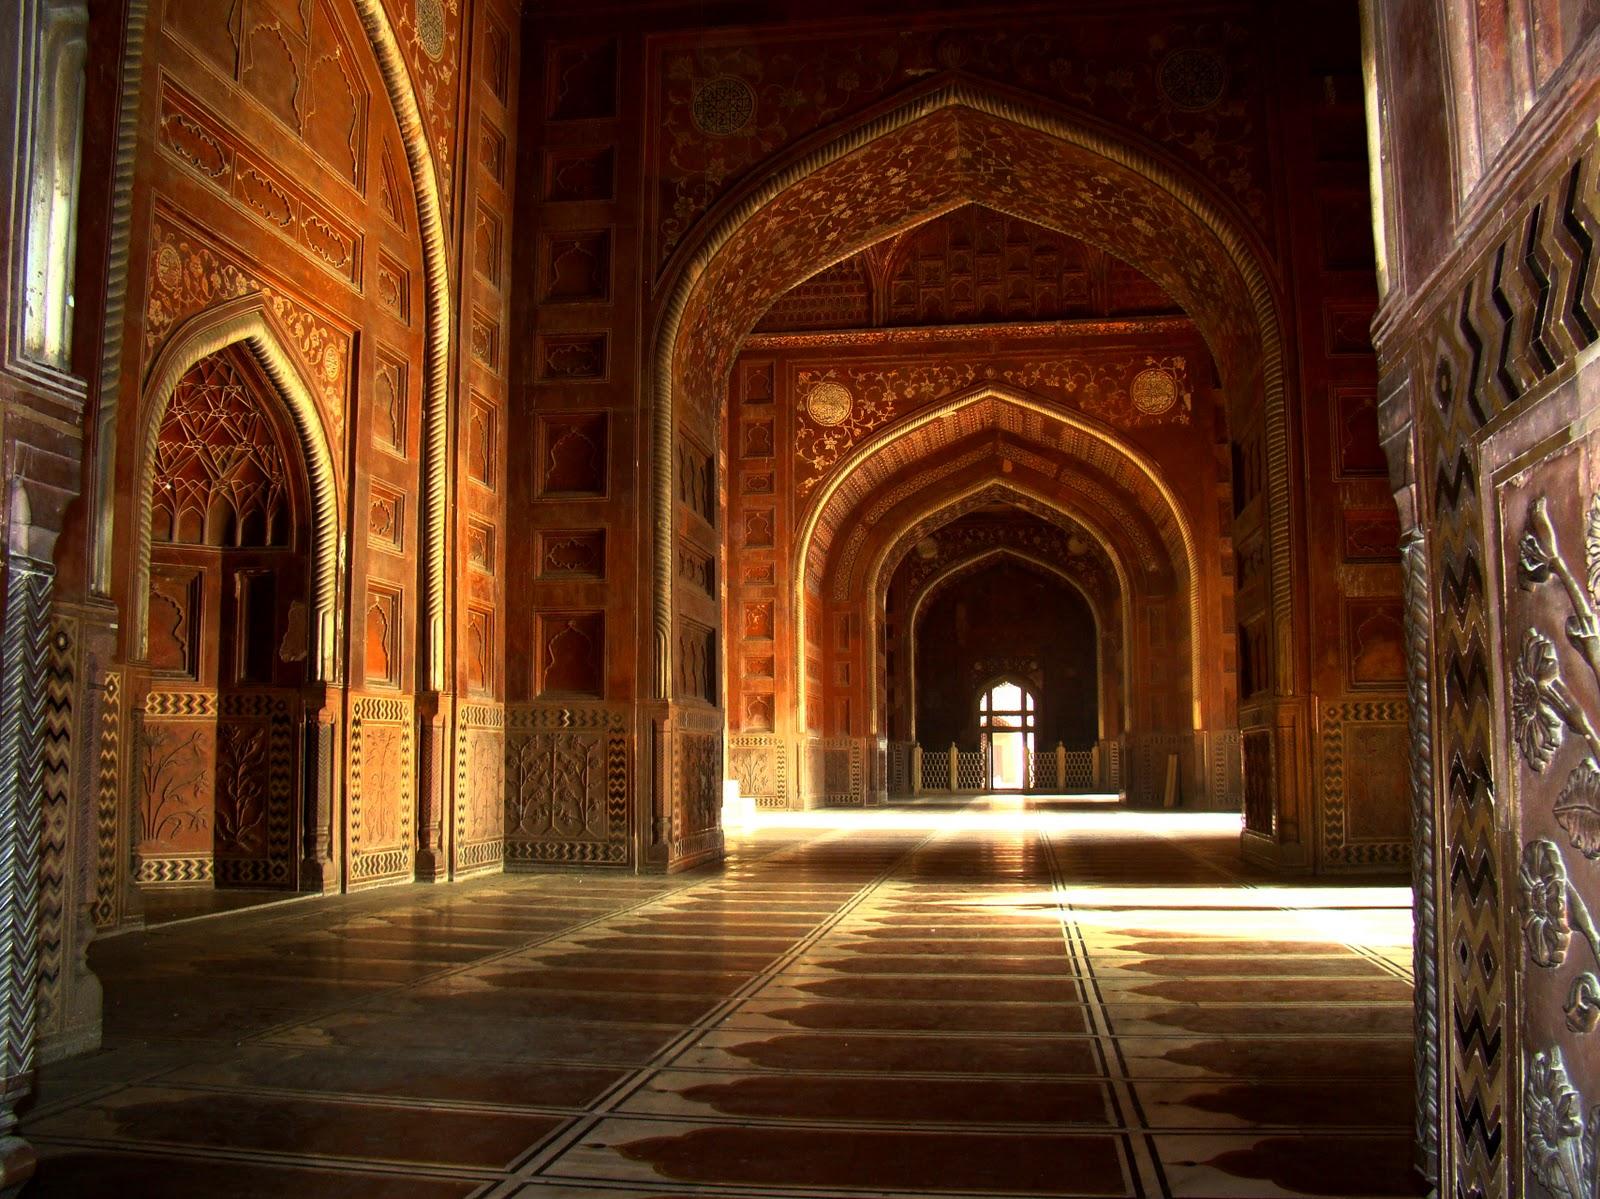 Interior Masjid Taj Mahal, bentuk seperti sajadah di lantai masjid itu